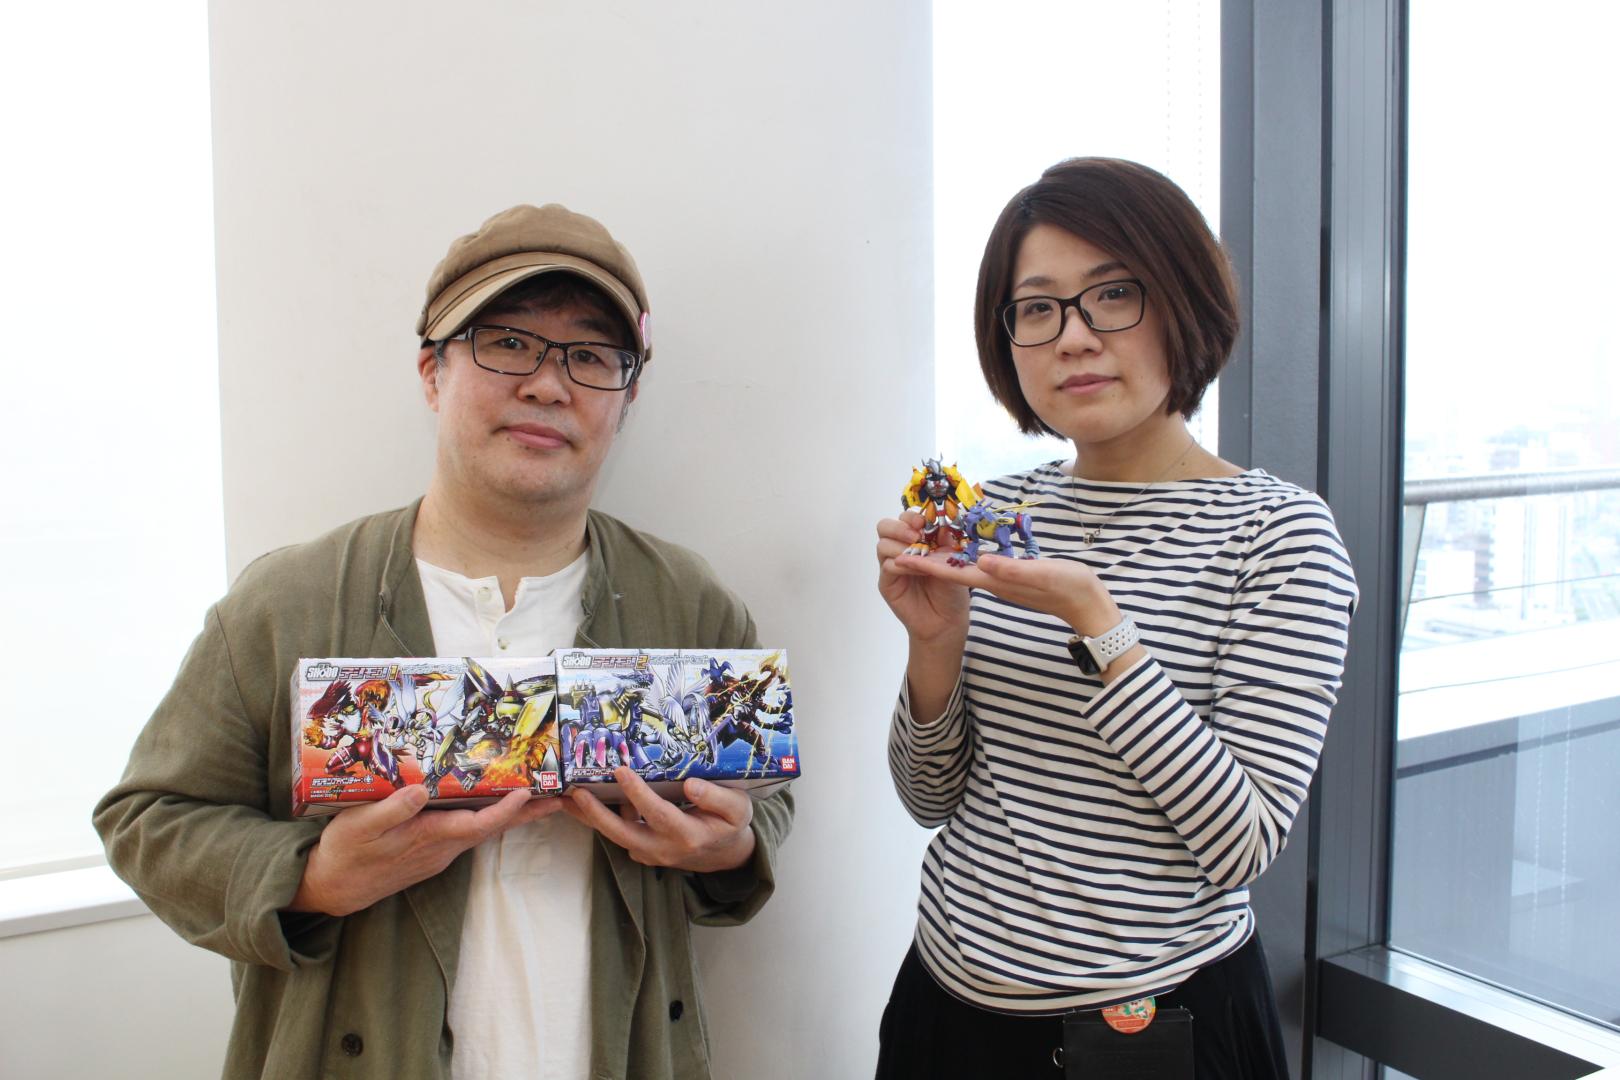 「デジモン」キャラクターデザイナーの渡辺けんじ氏(写真左)とバンダイキャンディ事業部の林佳奈子氏(写真右)